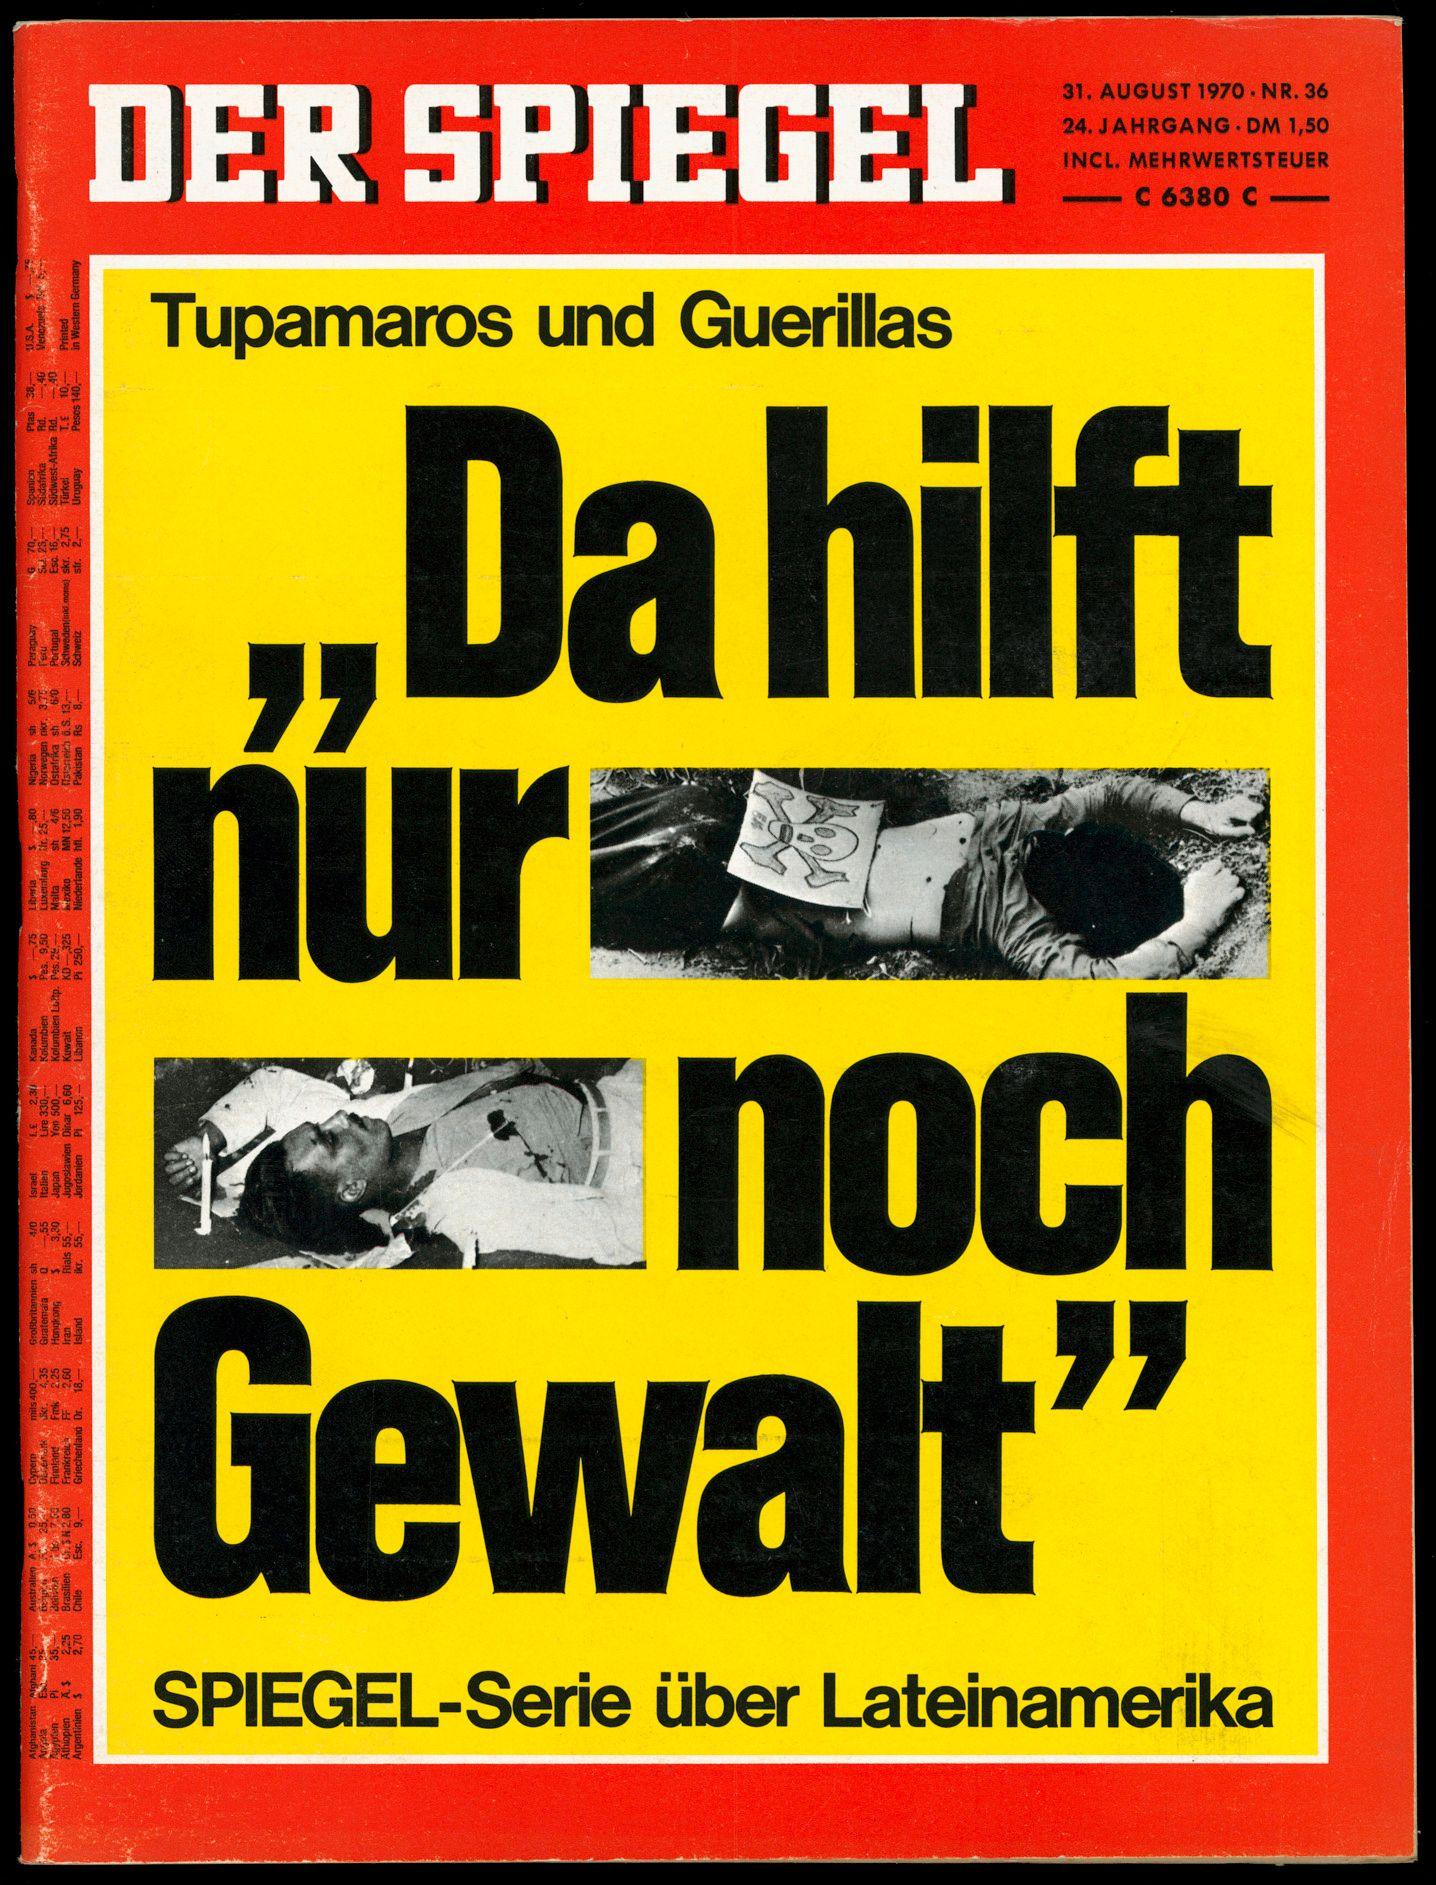 SPIEGEL-Titel 36/1970